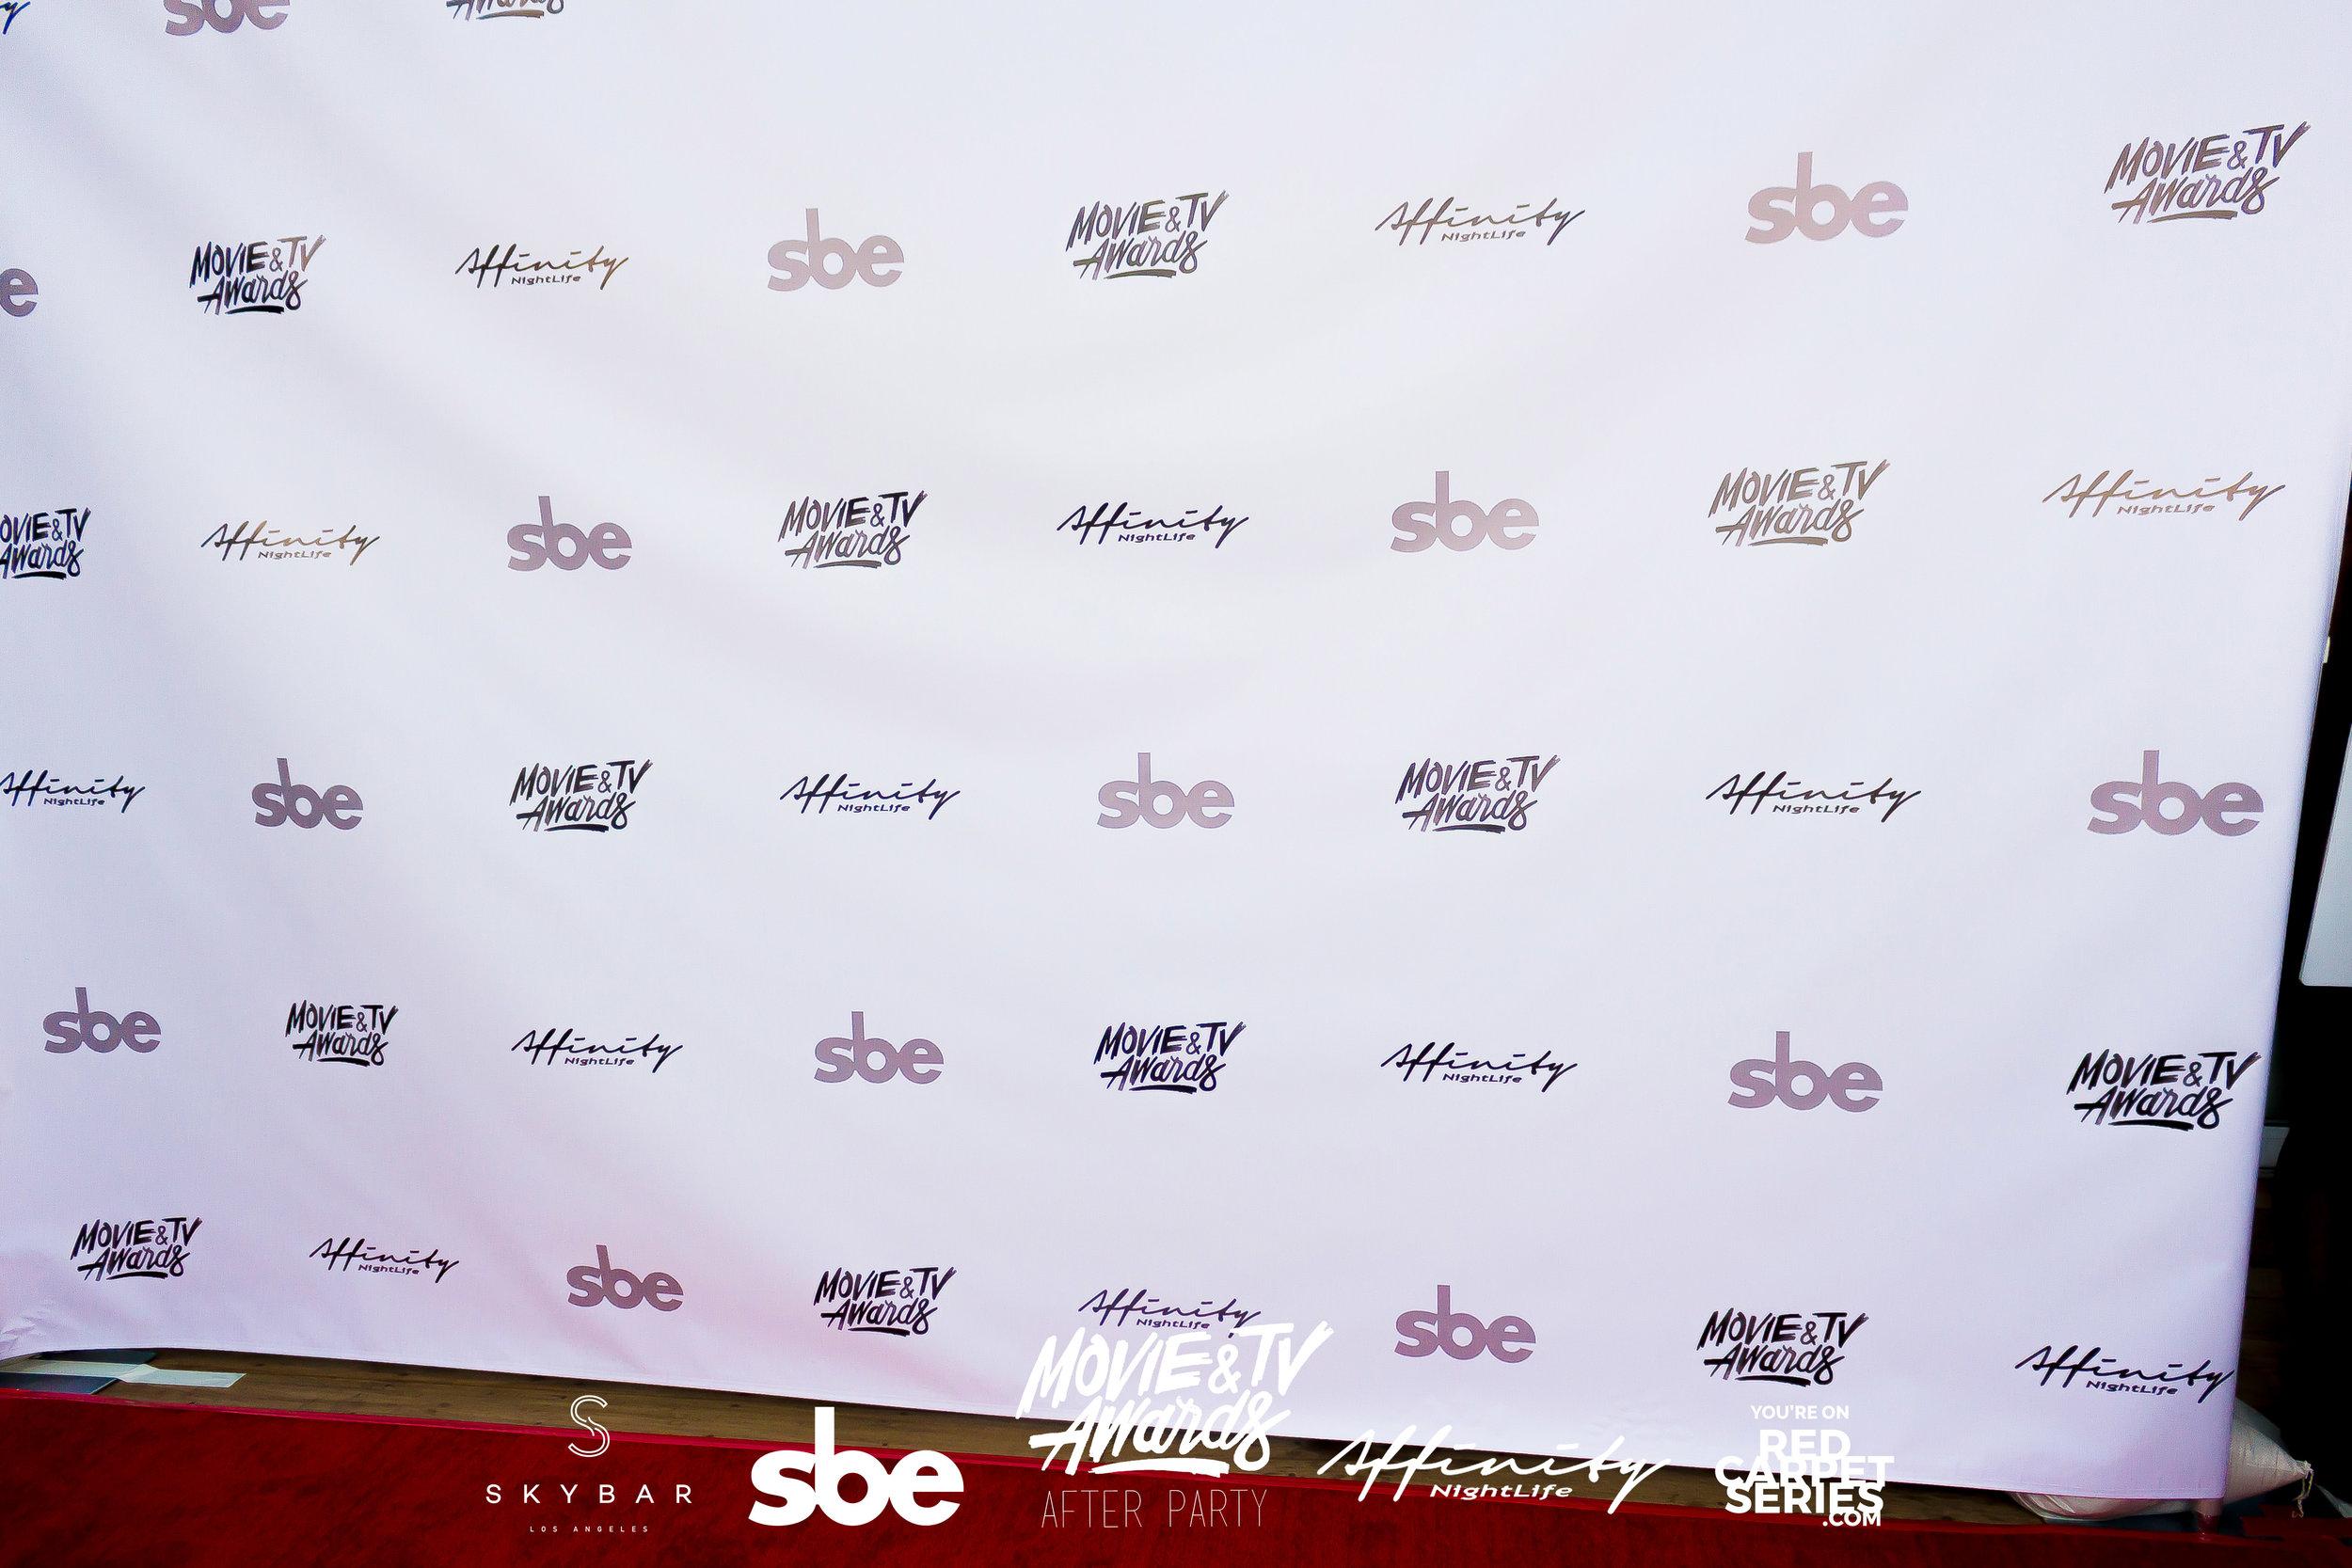 Affinity Nightlife MTV Movie & TV Awards After Party - Skybar at Mondrian - 06-15-19 - Vol. 1.jpg